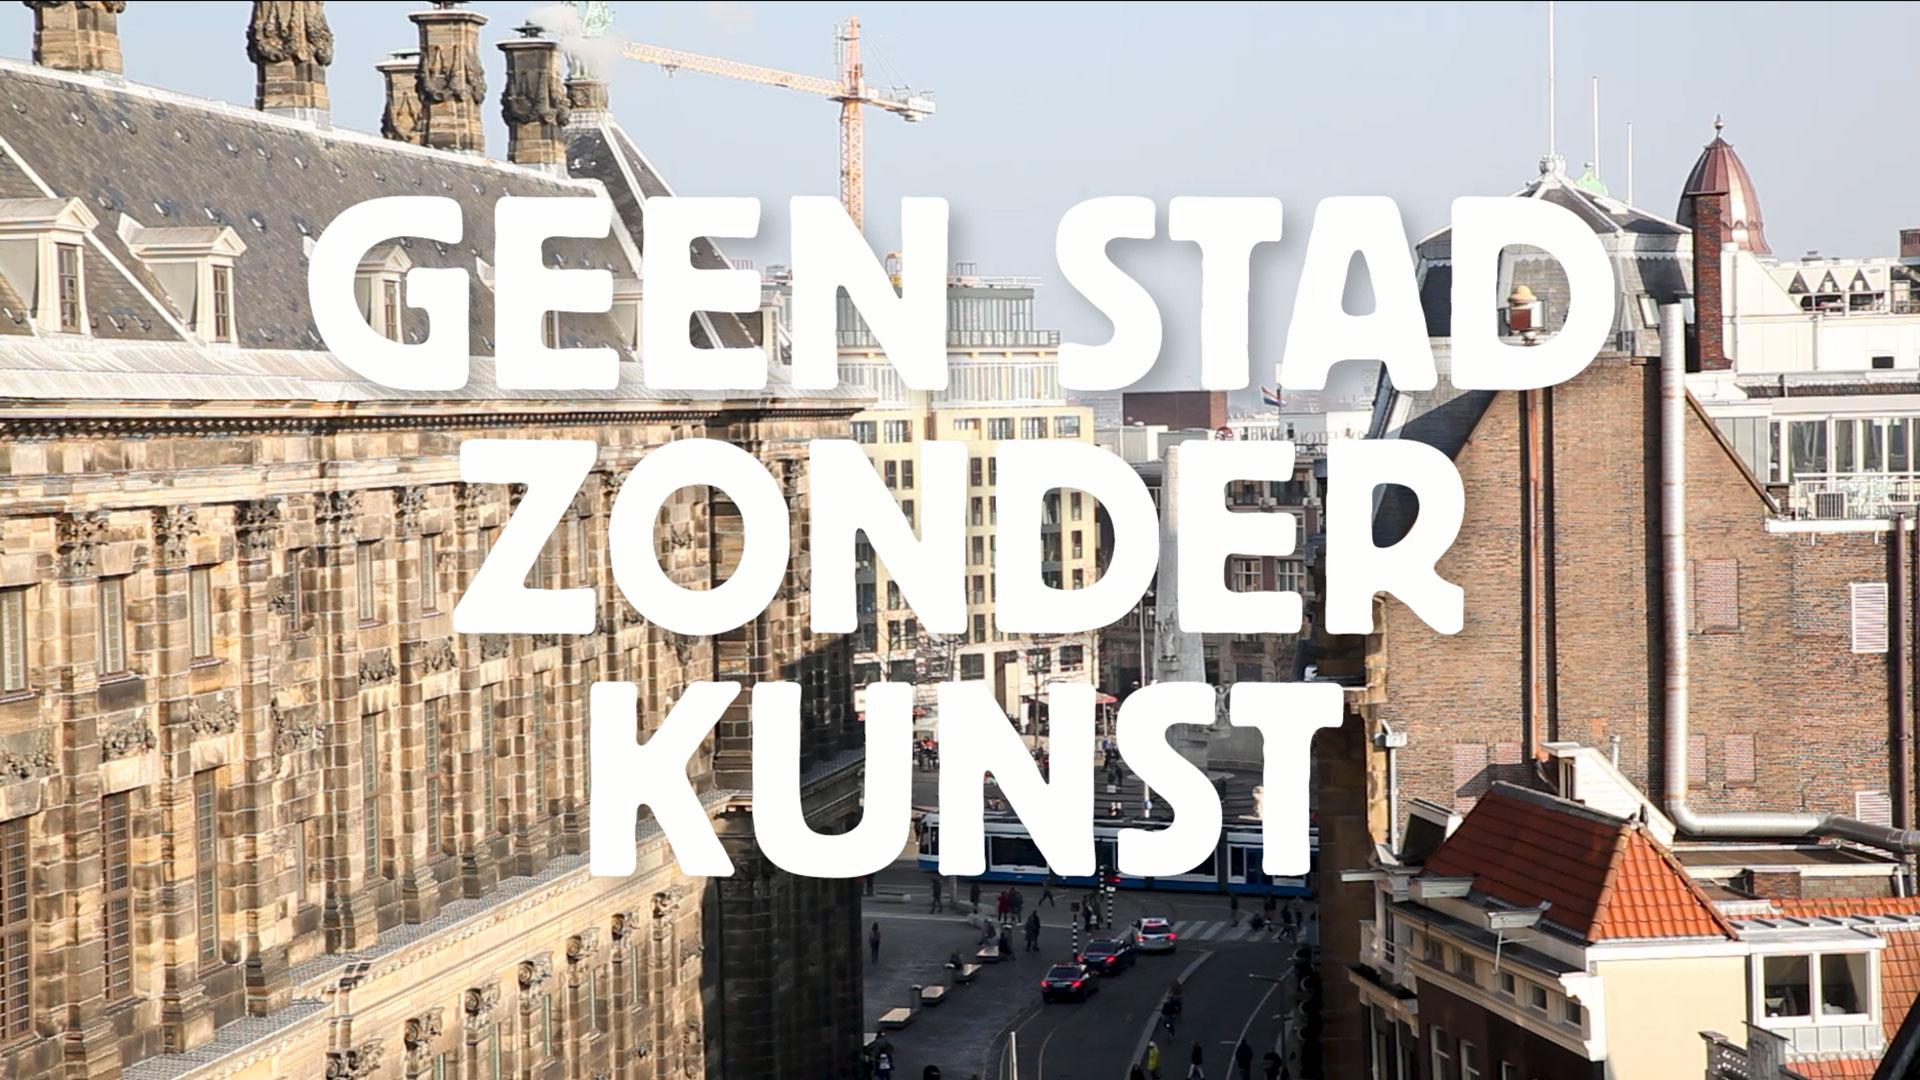 thumbnail geen stad zonder kunst, overview op de dam, amsterdam